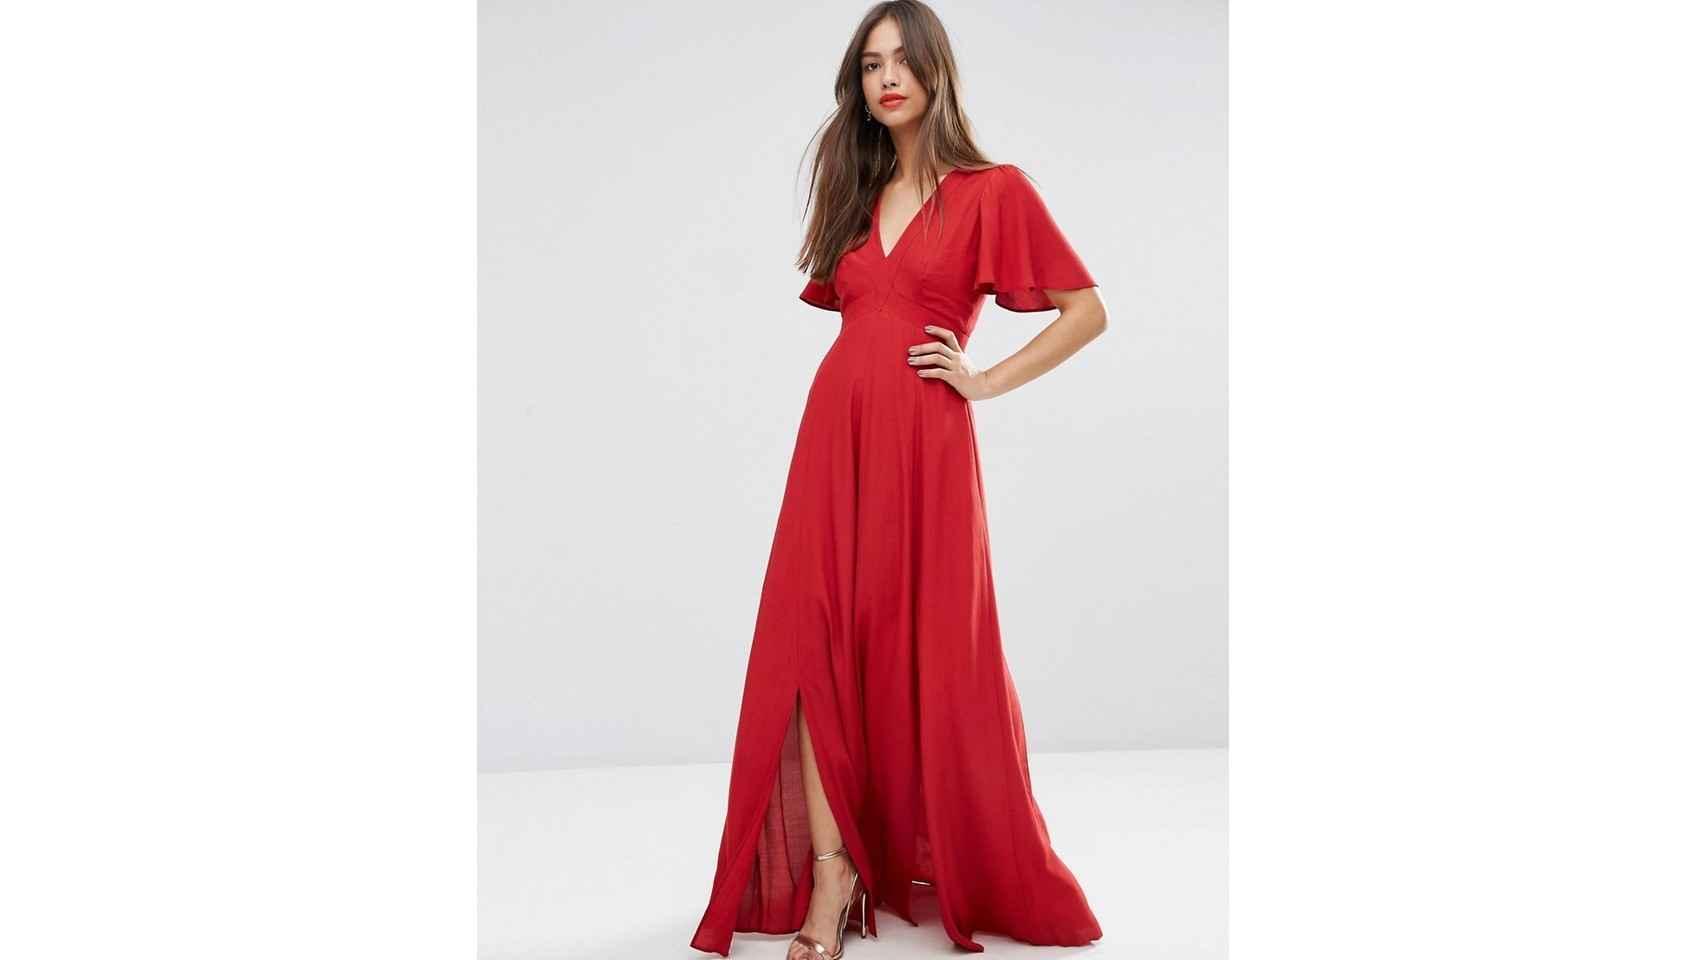 Vestido rojo con caída y escote trasero de Asos, 55,99€.